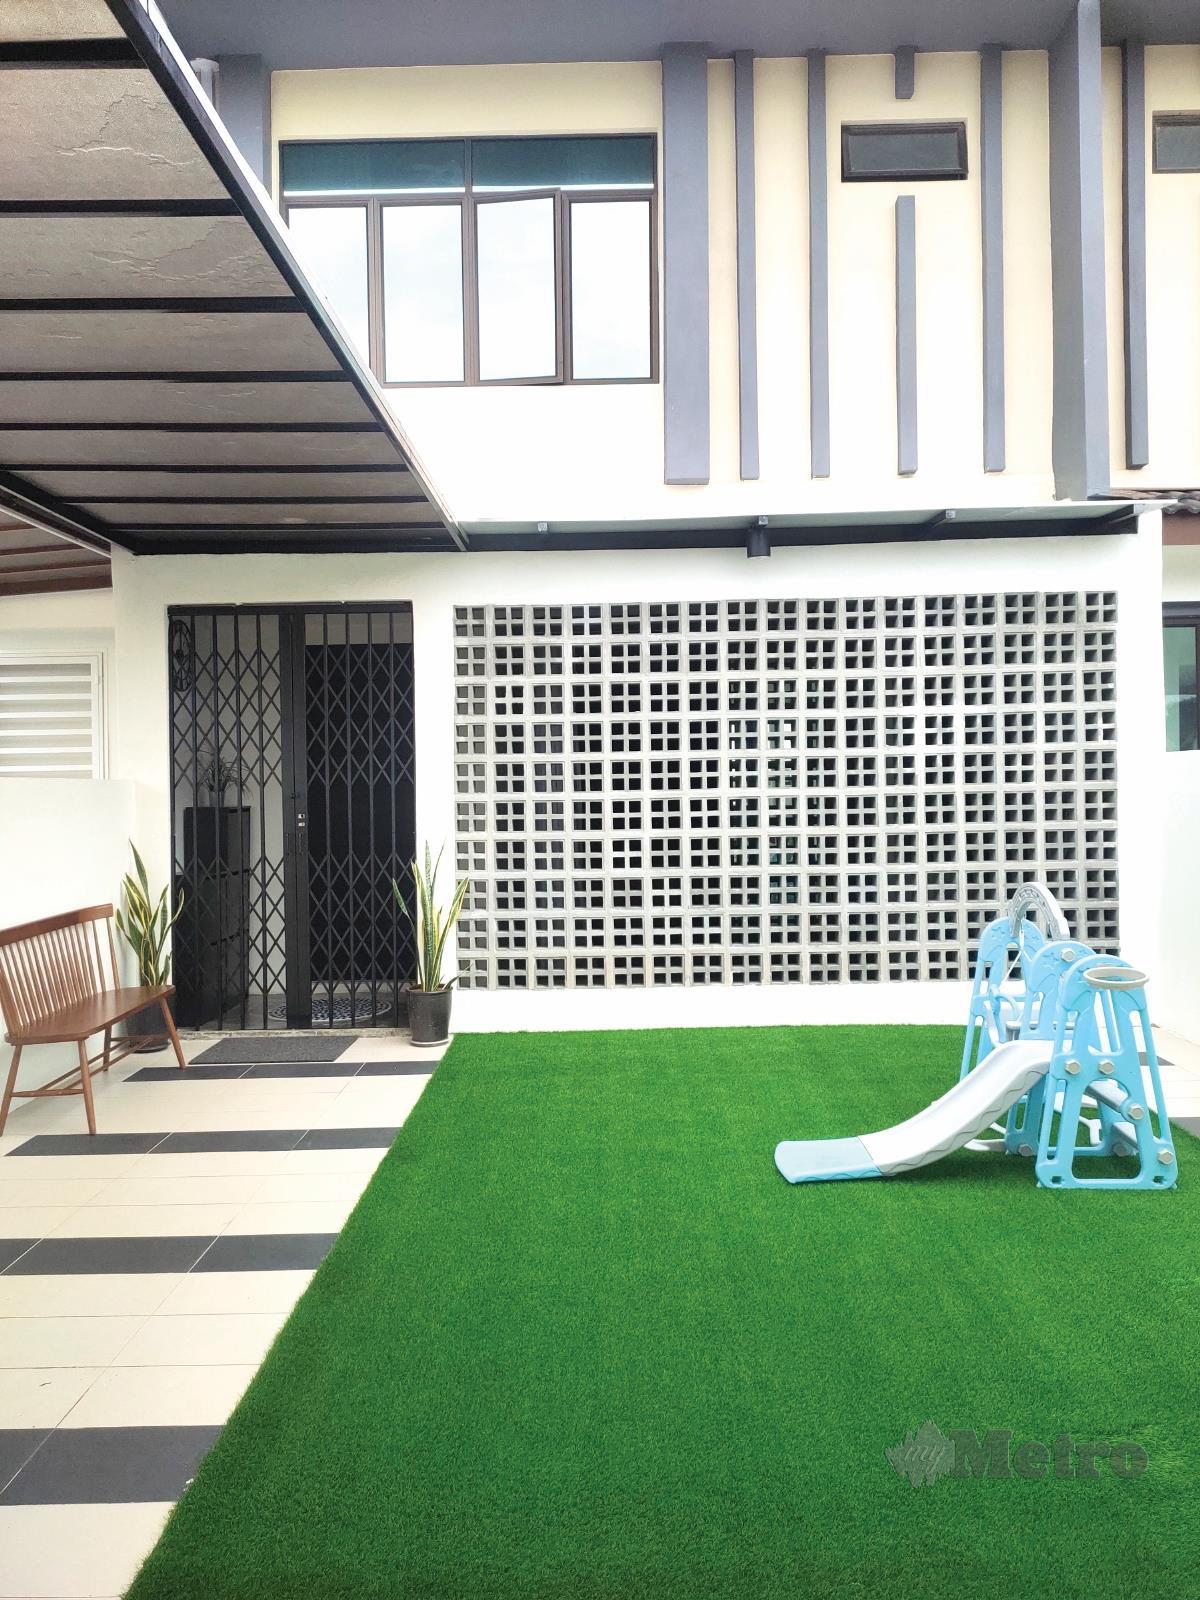 BAHAGIAN hadapan rumah yang menerapkan konsep ringkas dan industri.